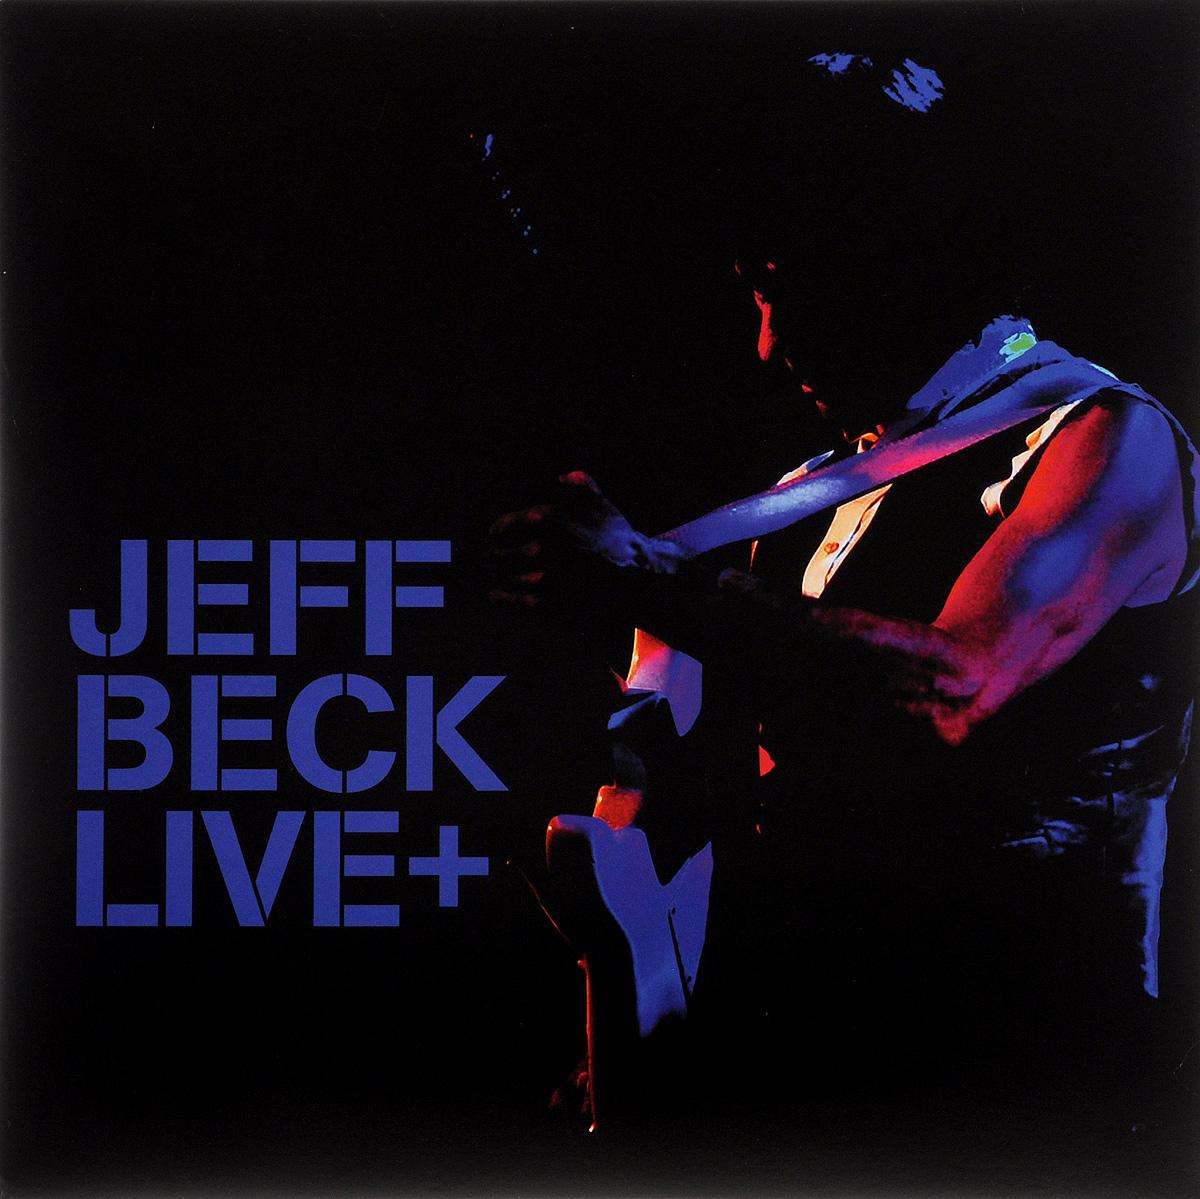 Джефф Бек Jeff Beck. Live + (2 LP) все цены